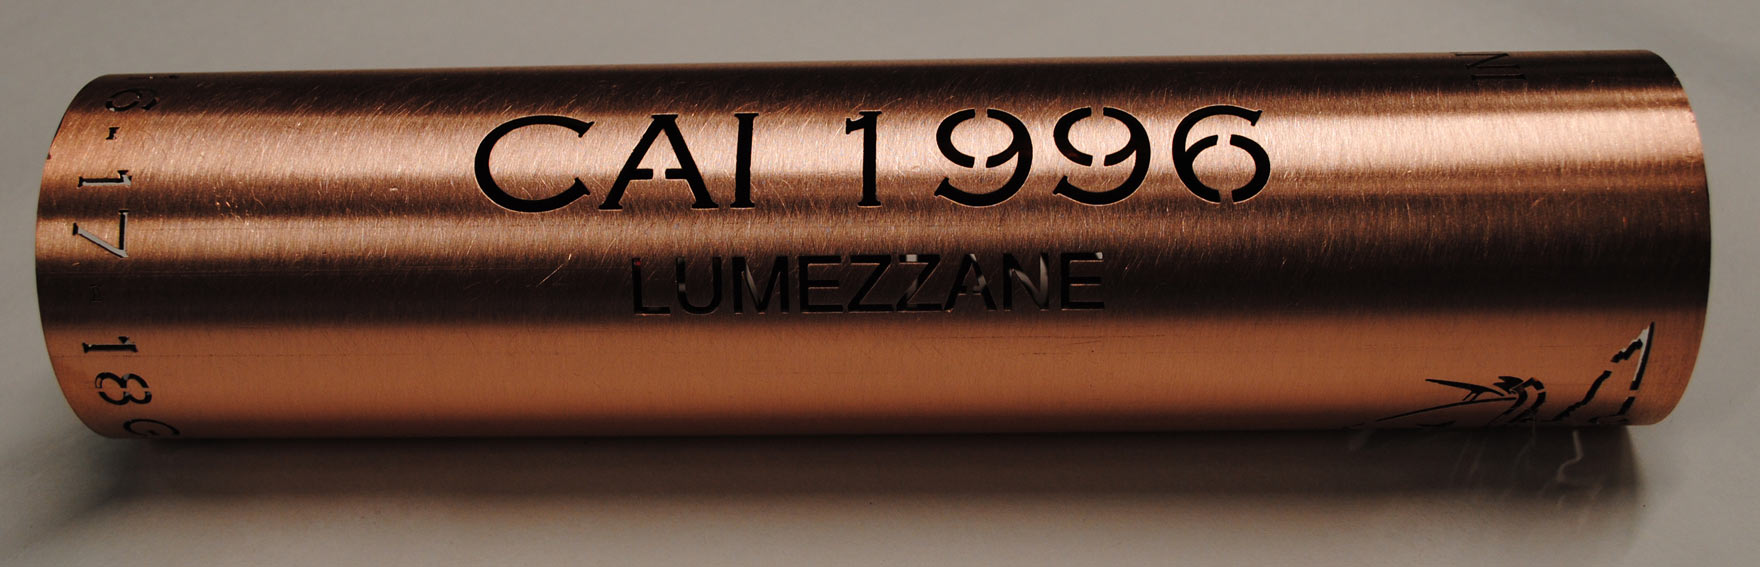 taglio laser su tubo in rame